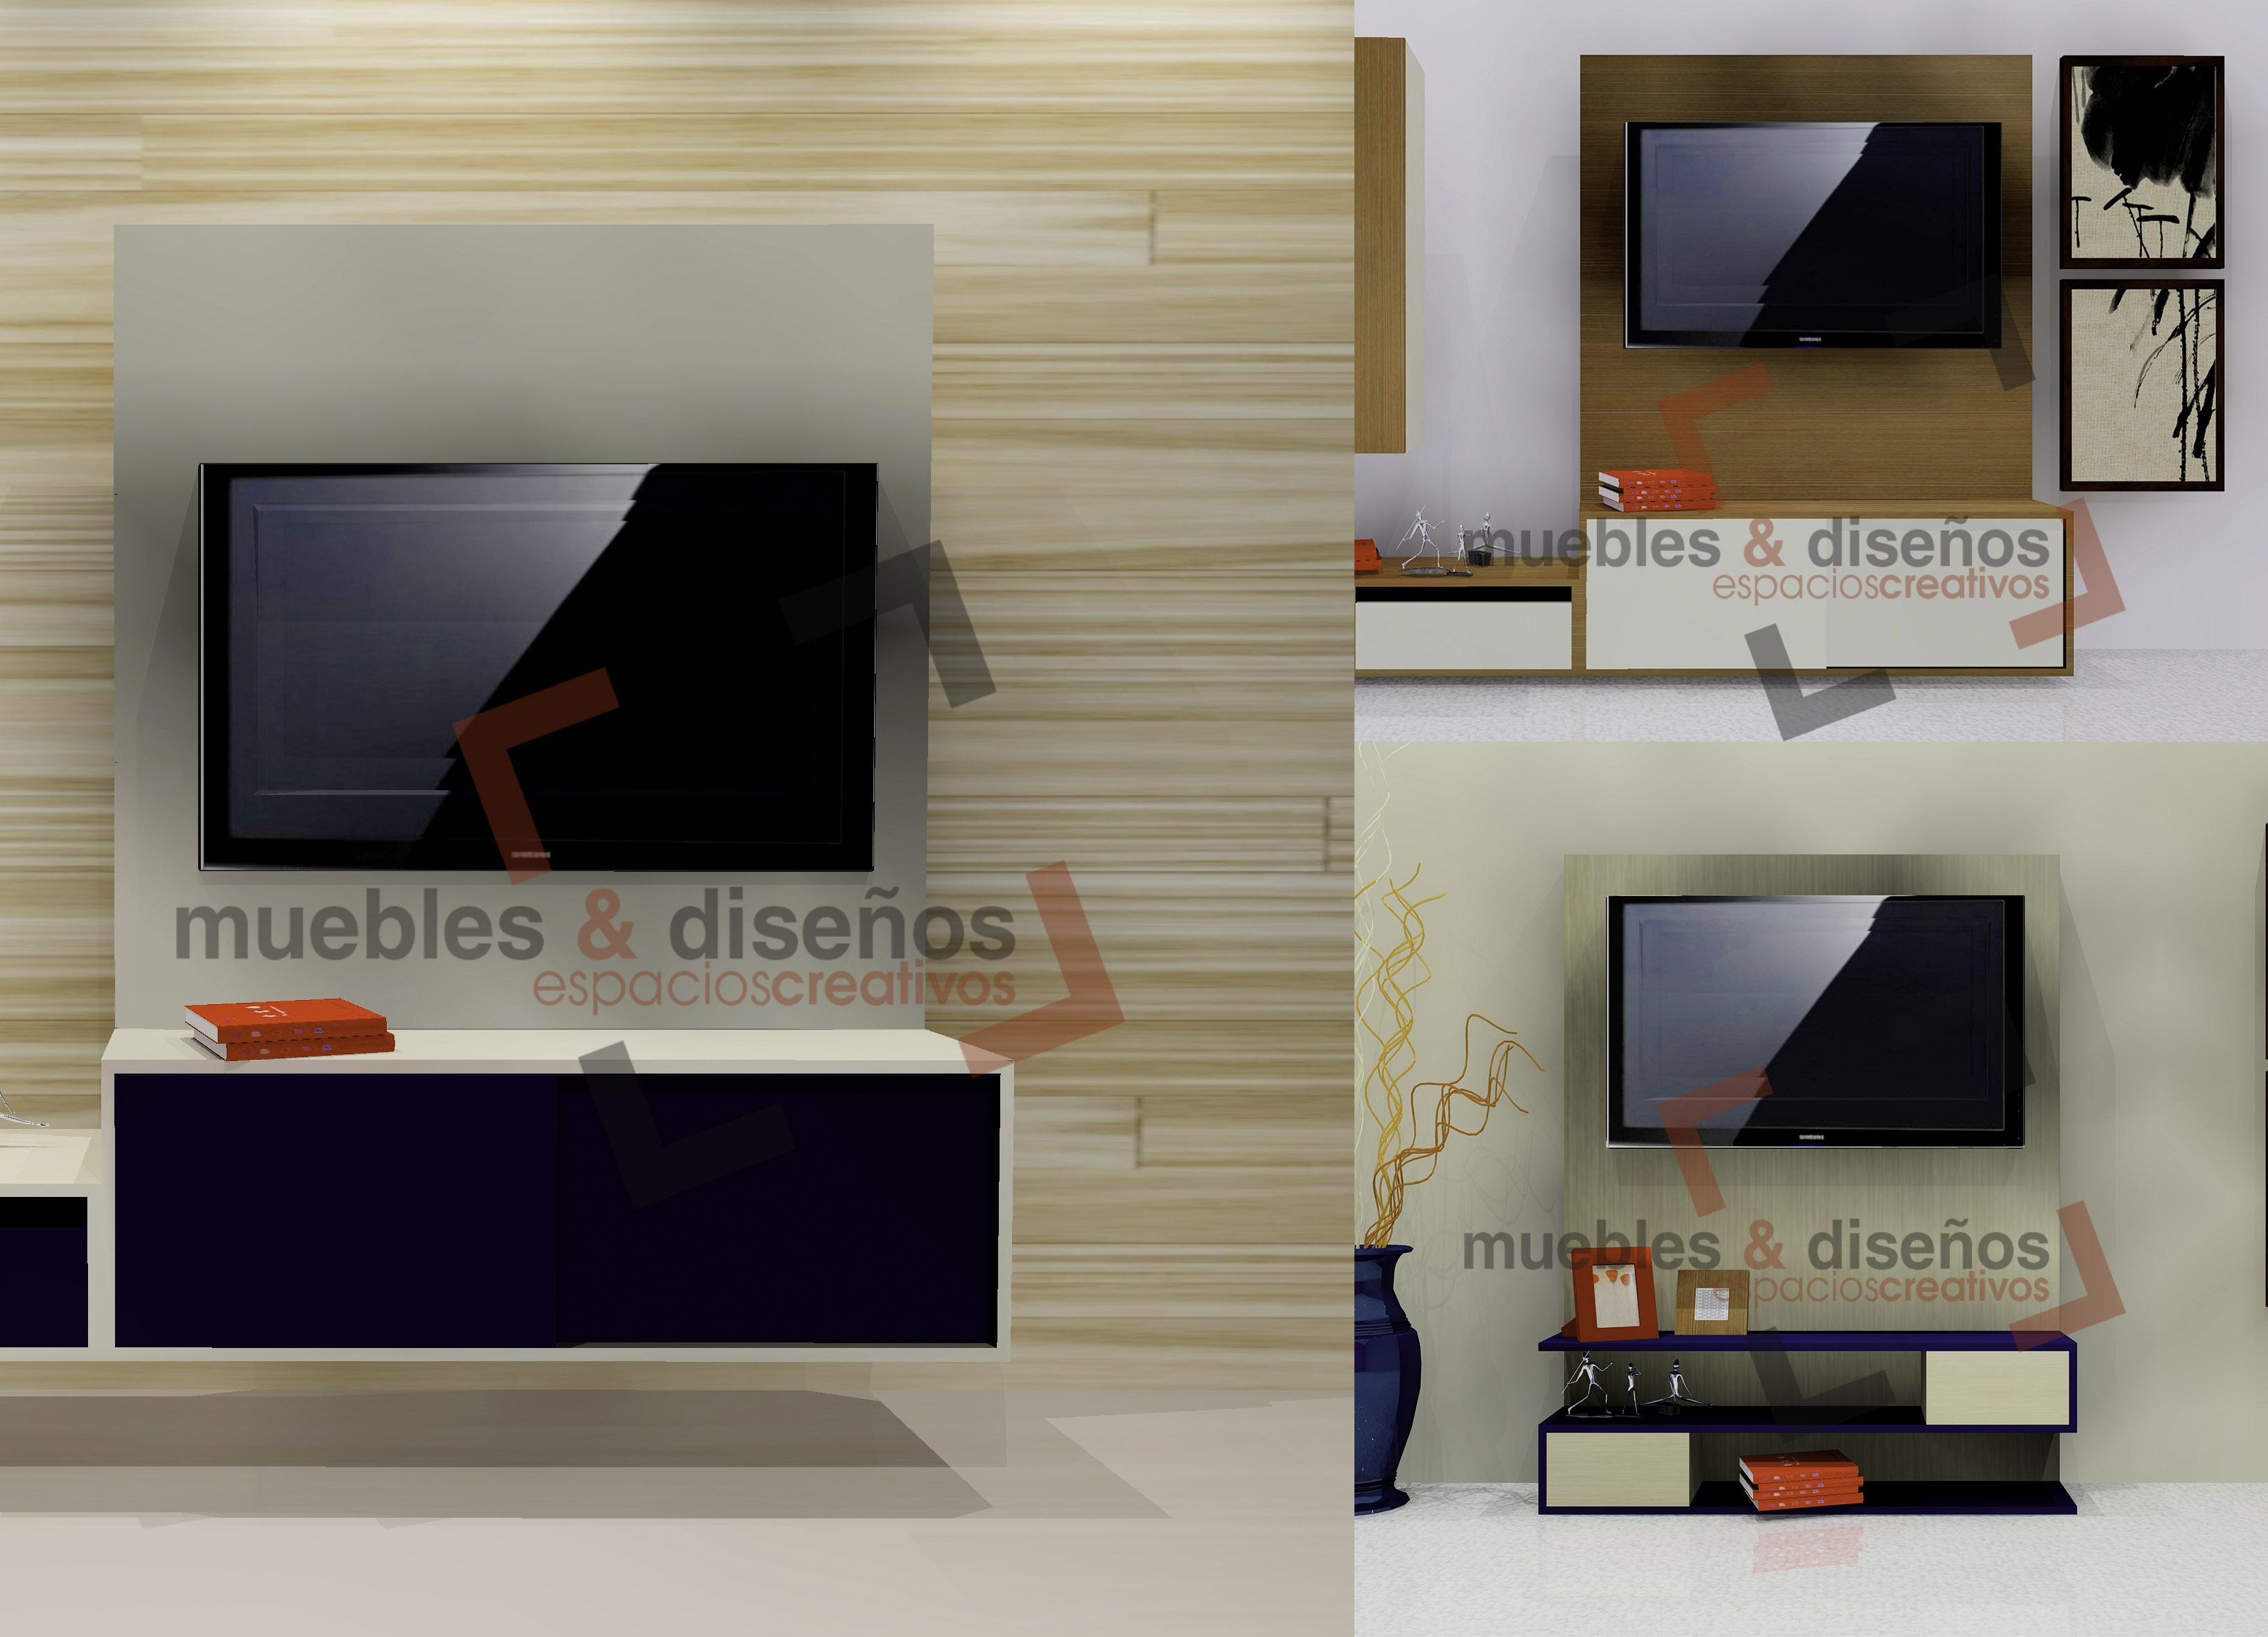 Muebles Para Tv Muebles Y Dise Os # Muebles Y Disenos